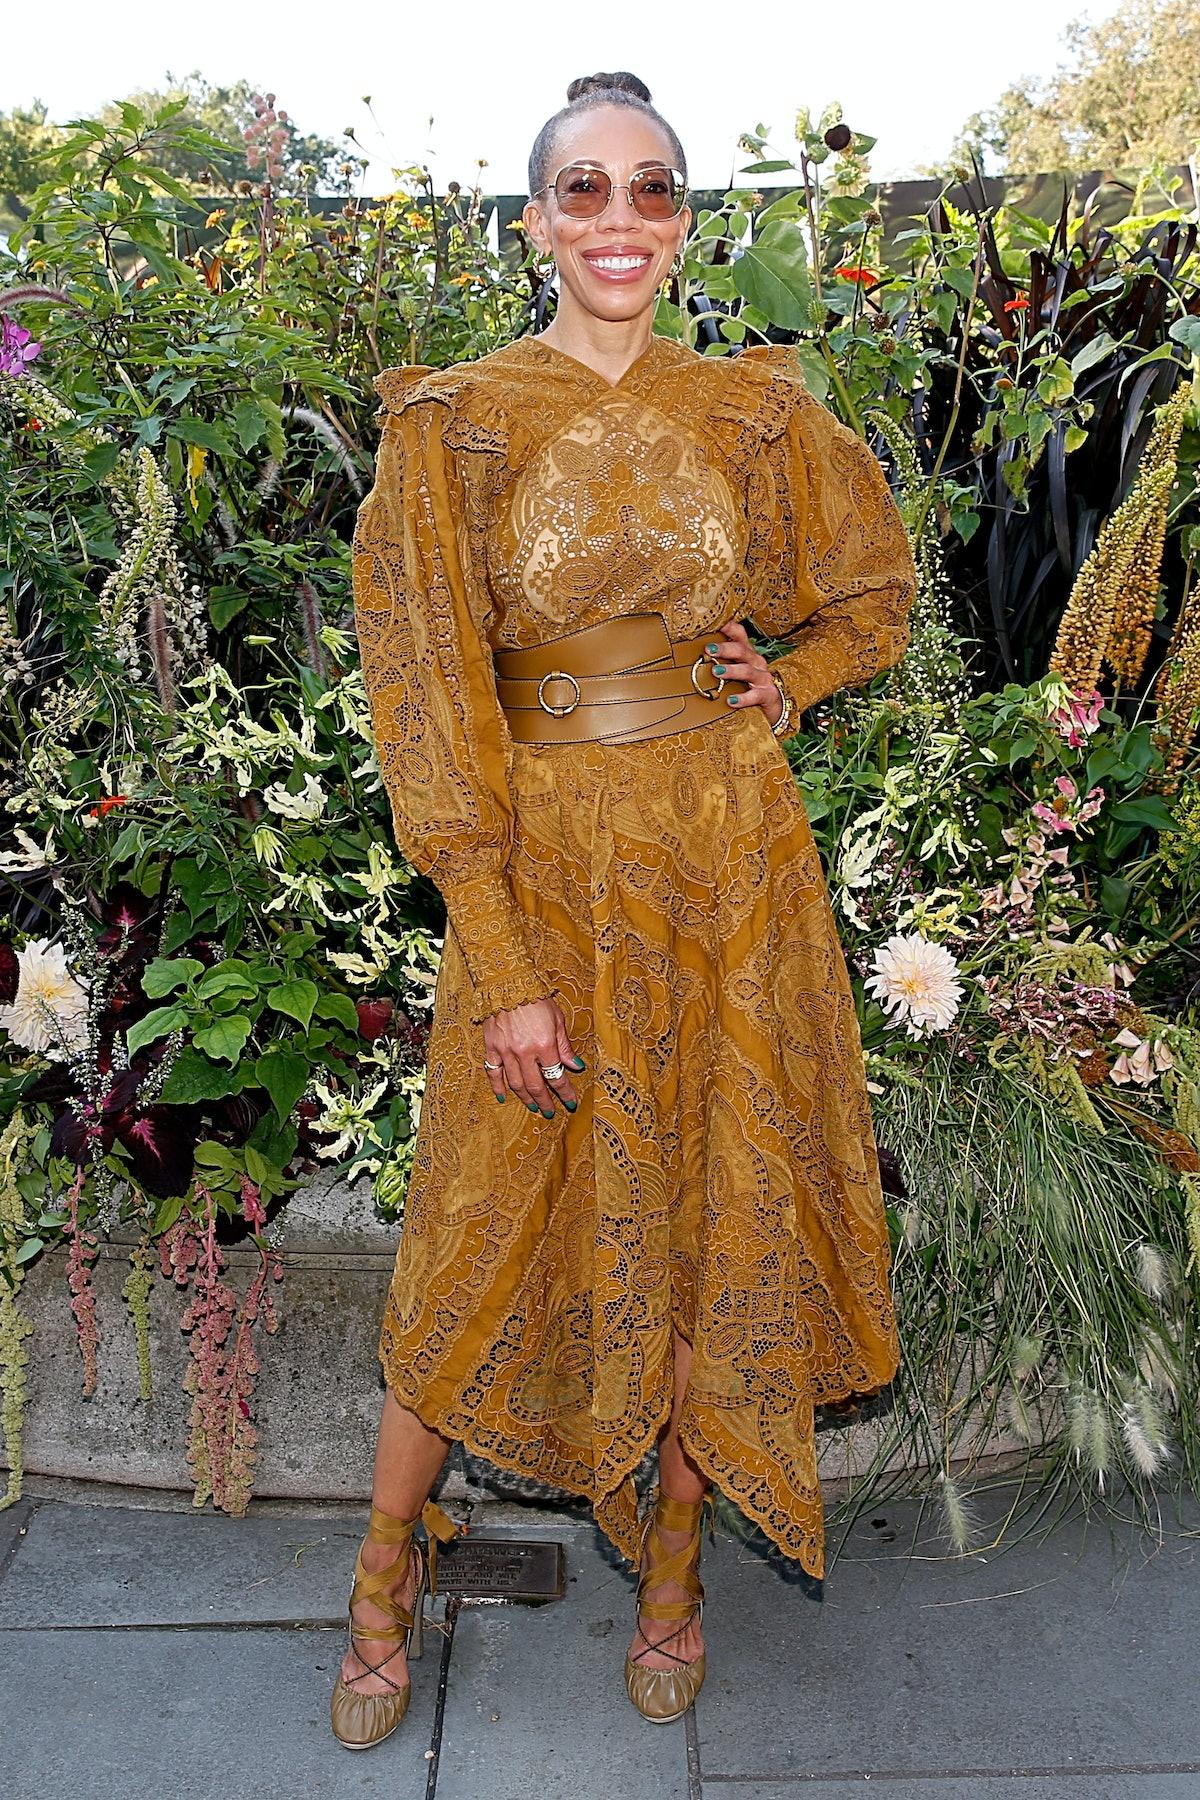 امی شرلد در هفته مد نیویورک در صف اول اولا جانسون شرکت می کند: نمایش ها در بروکلین B ...